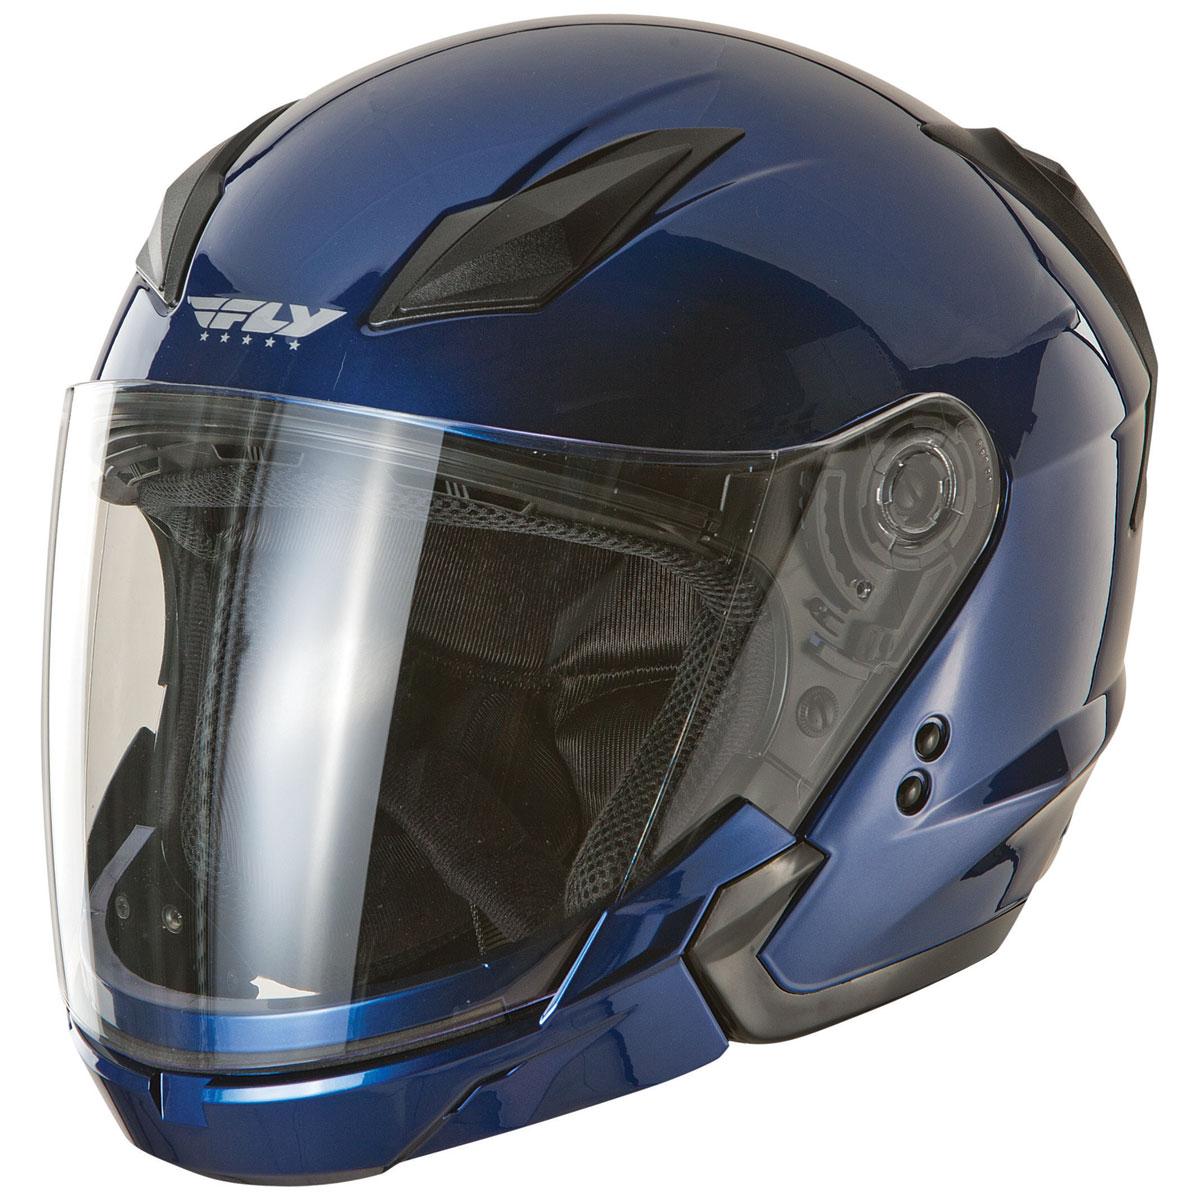 FLY Racing Street Tourist Blue Modular Helmet